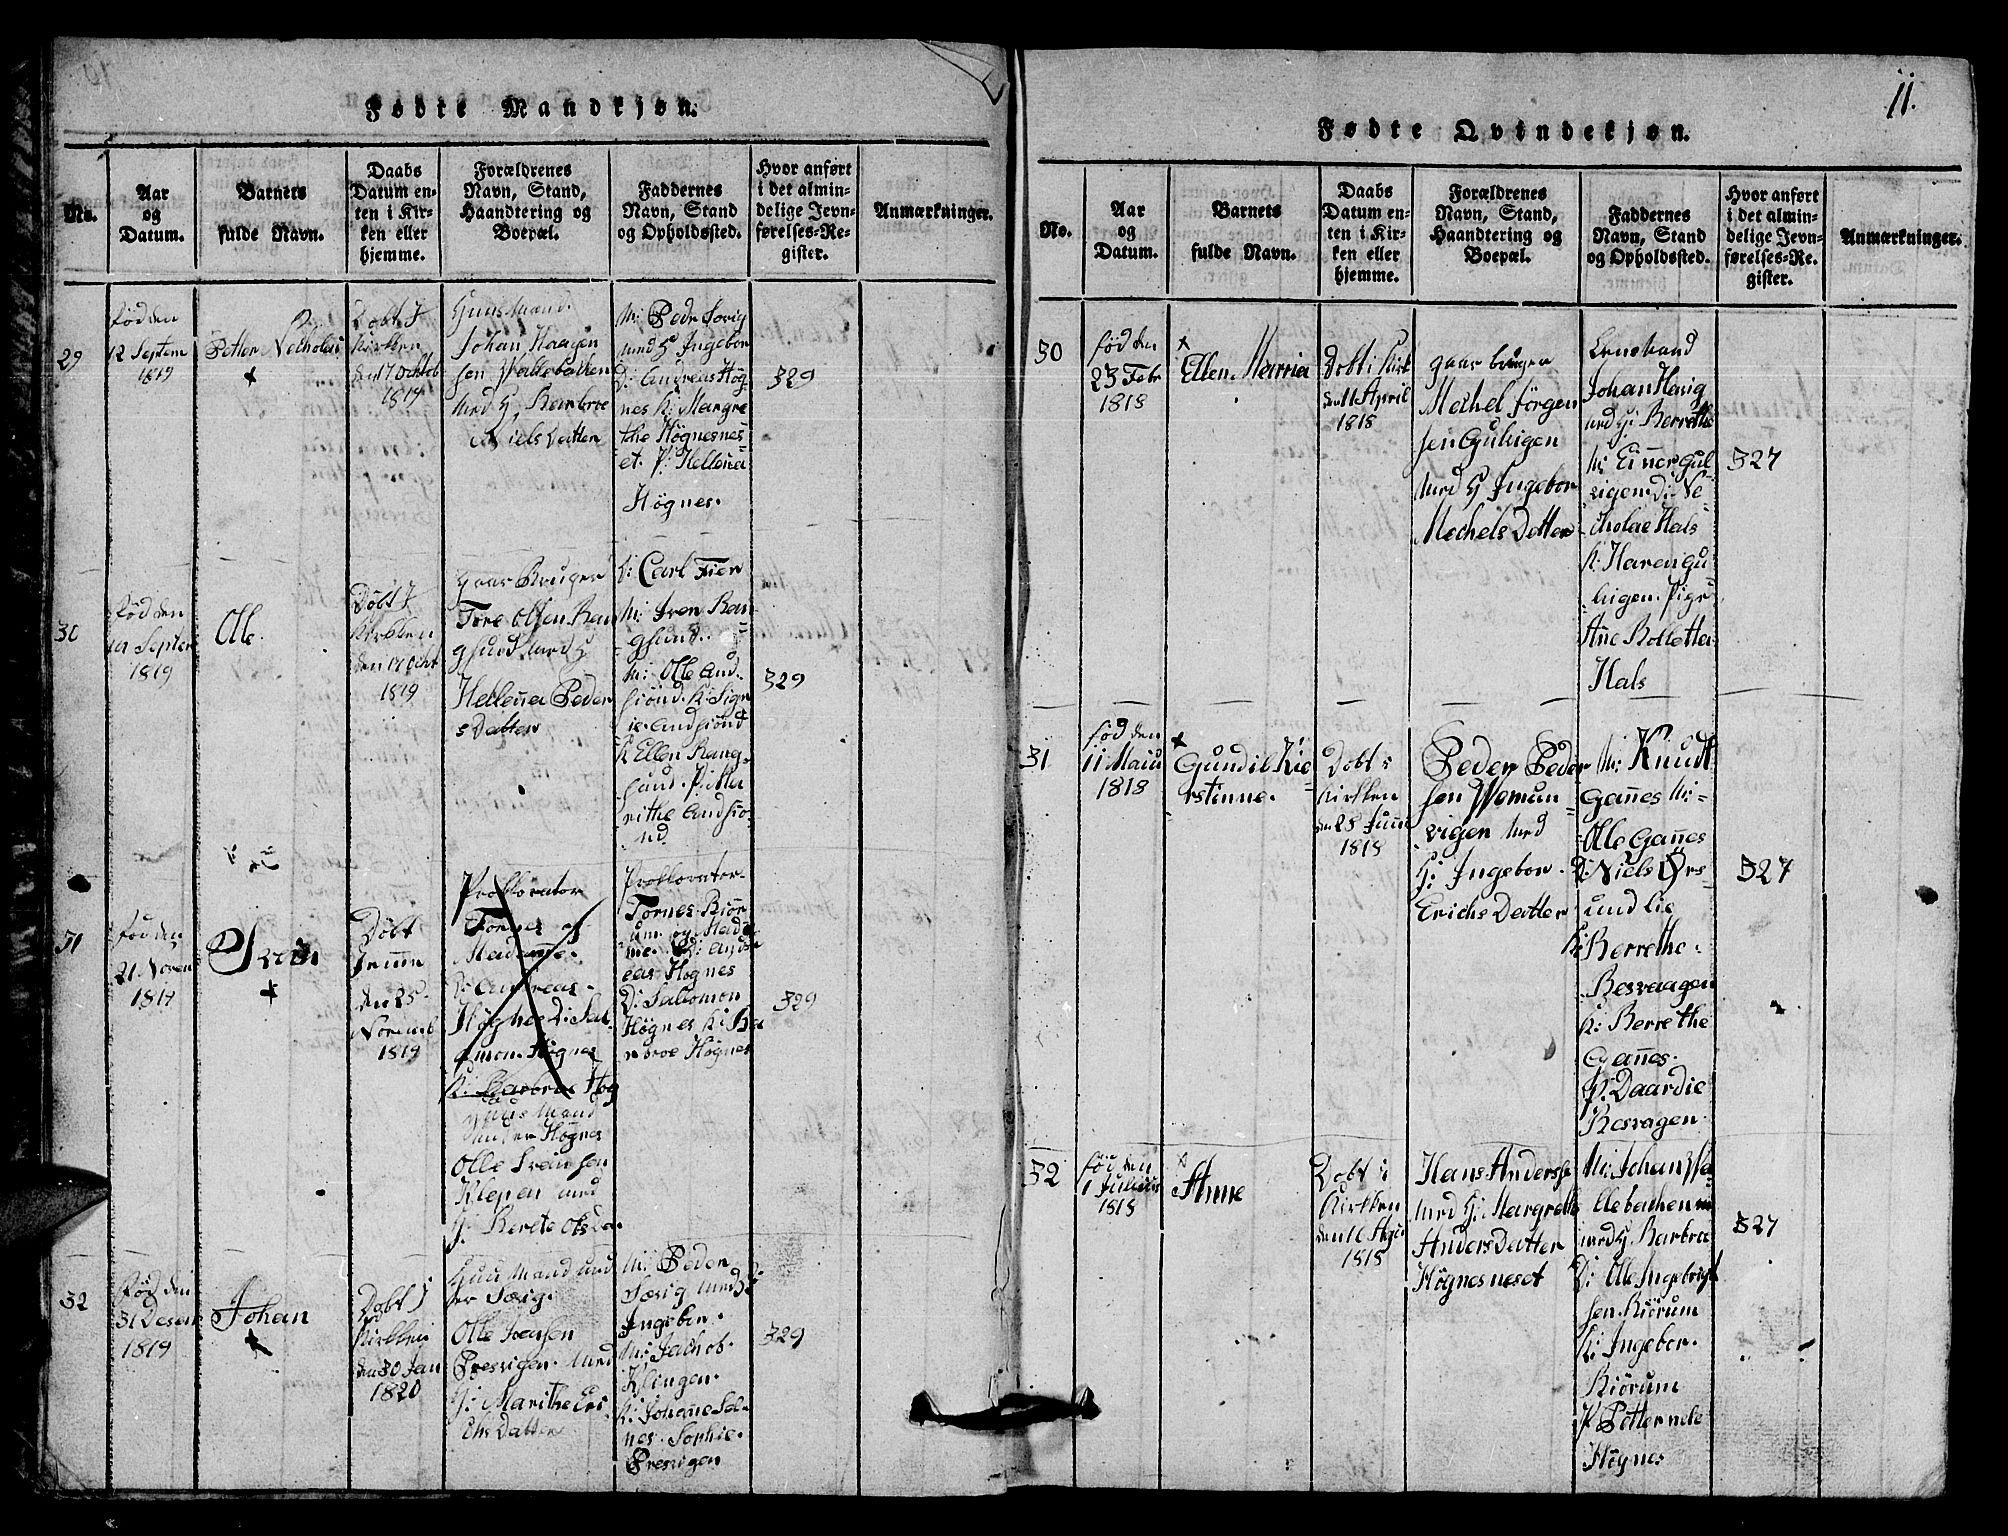 SAT, Ministerialprotokoller, klokkerbøker og fødselsregistre - Nord-Trøndelag, 770/L0590: Klokkerbok nr. 770C01, 1815-1824, s. 11